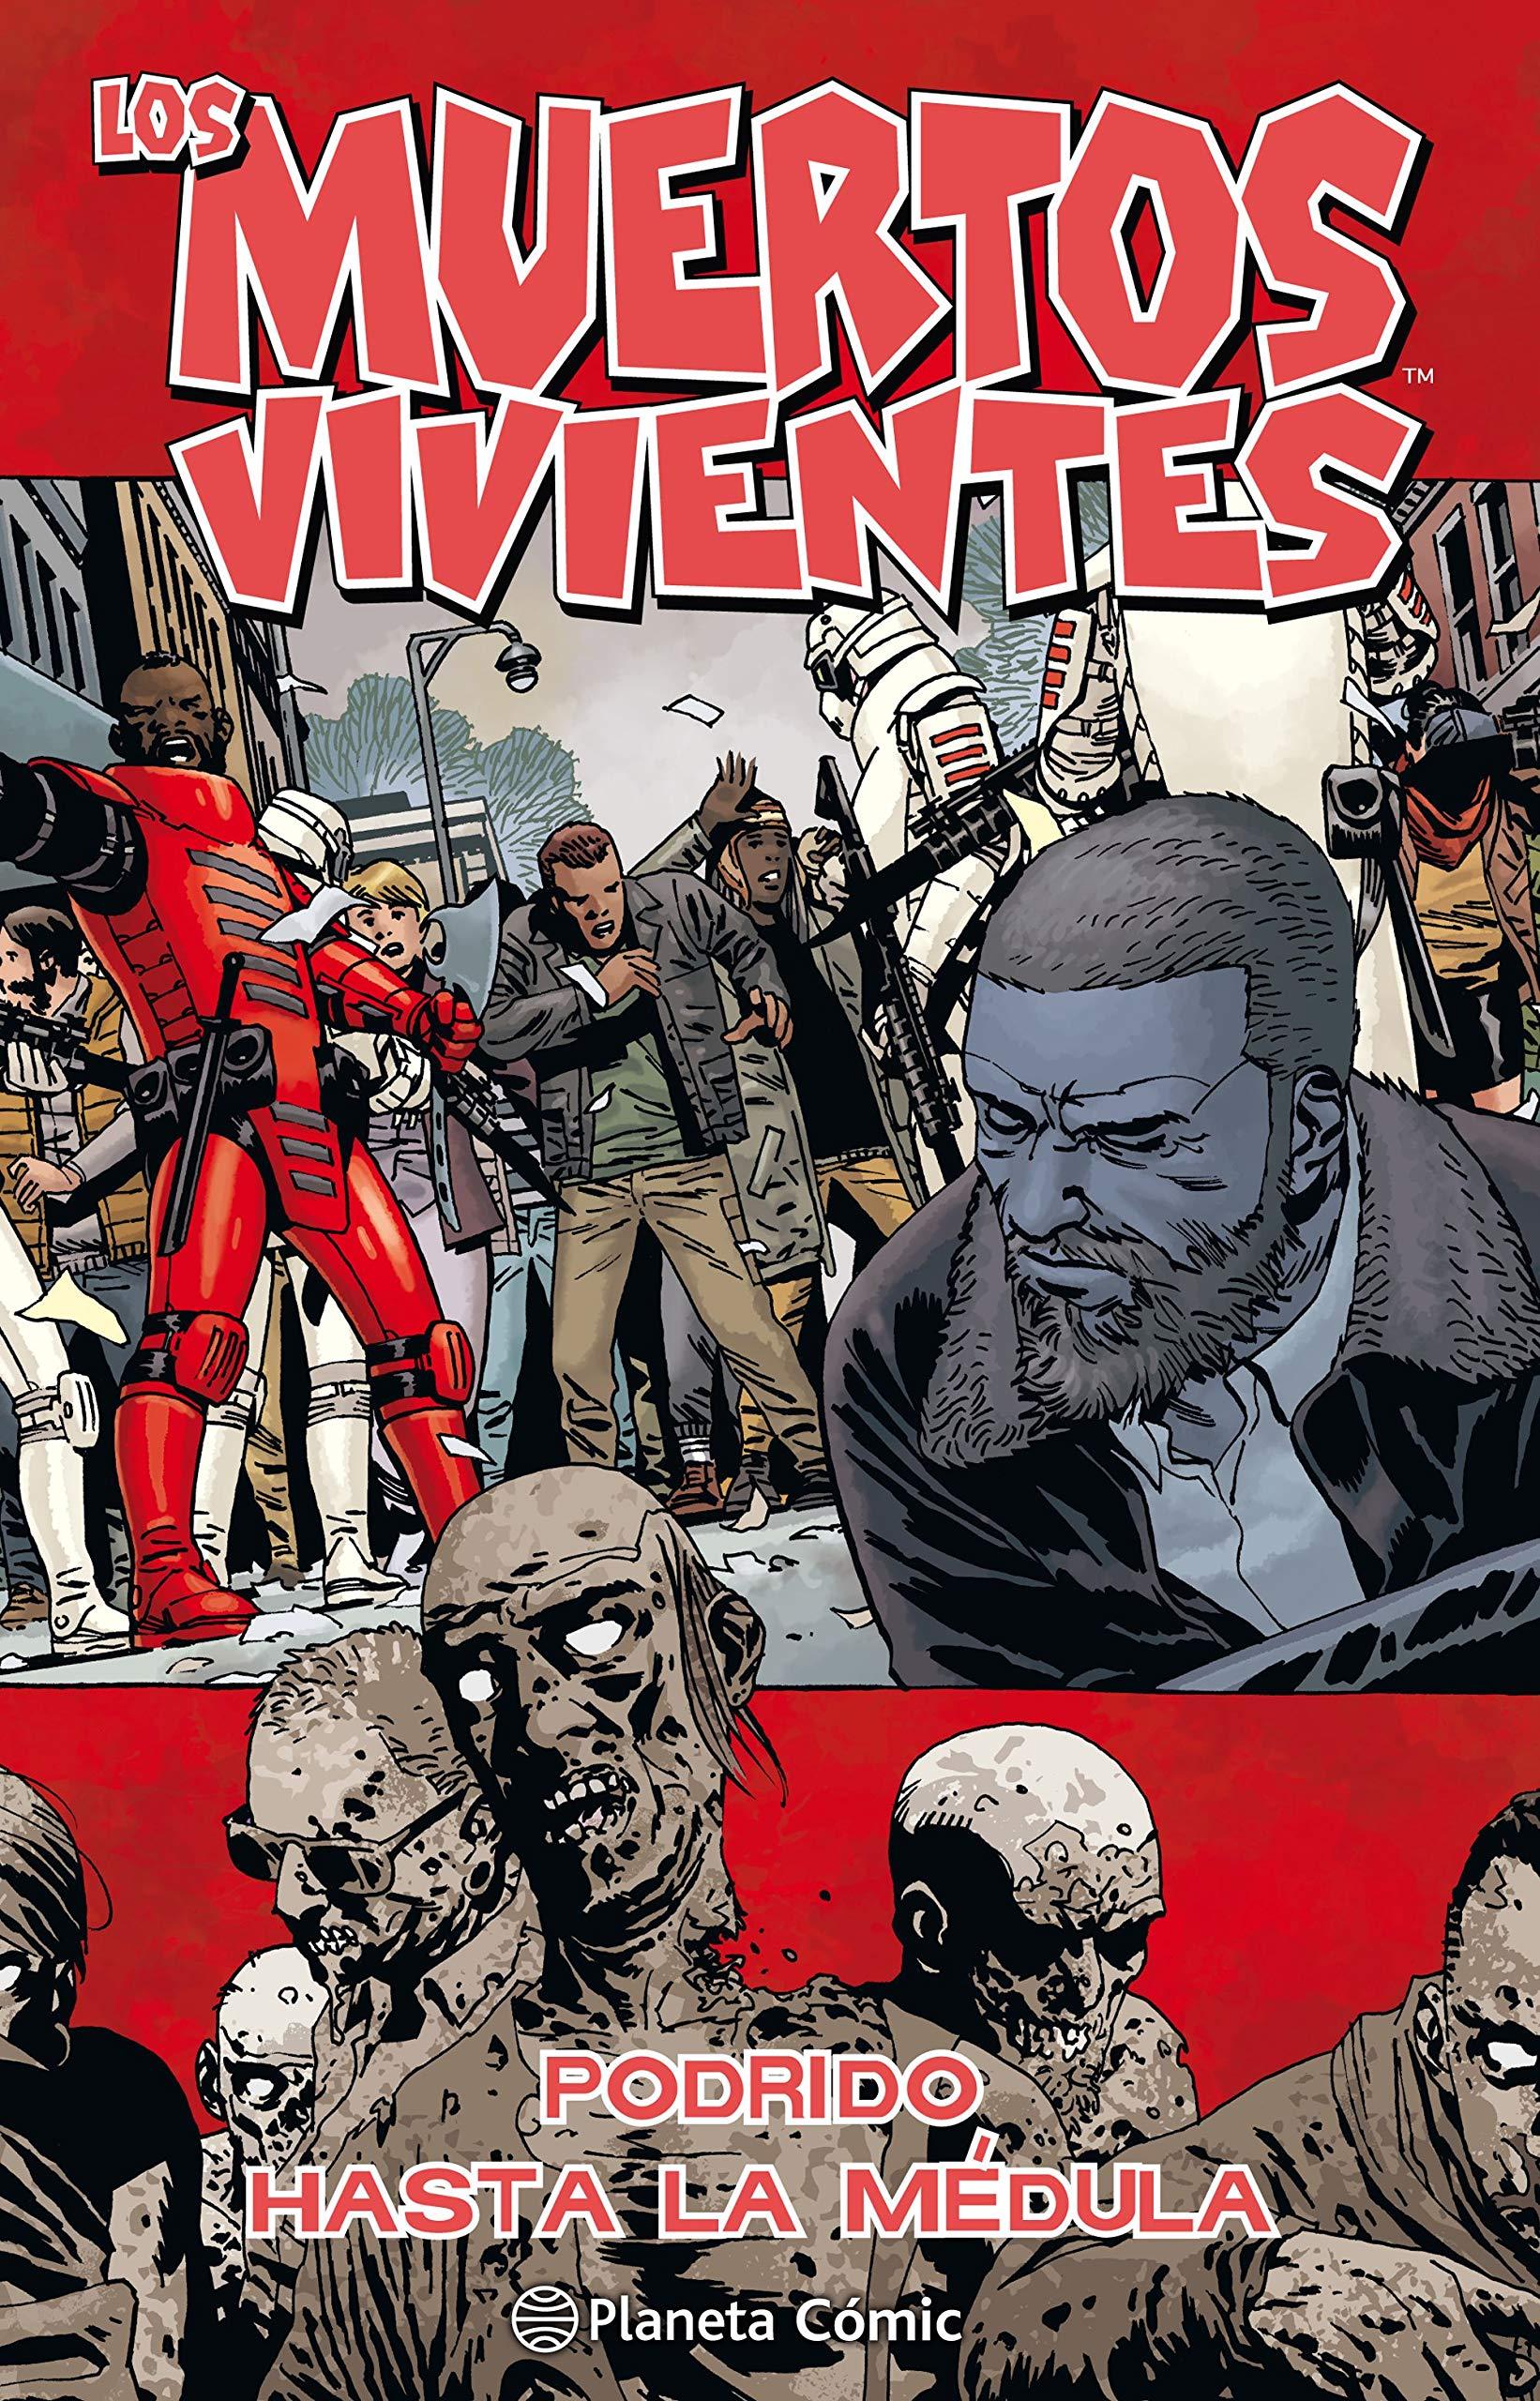 Los muertos vivientes nº 31 Los Muertos Vivientes The Walking Dead Cómic: Amazon.es: Kirkman, Robert, Adlard, Charlie, Bentz, Ignacio: Libros